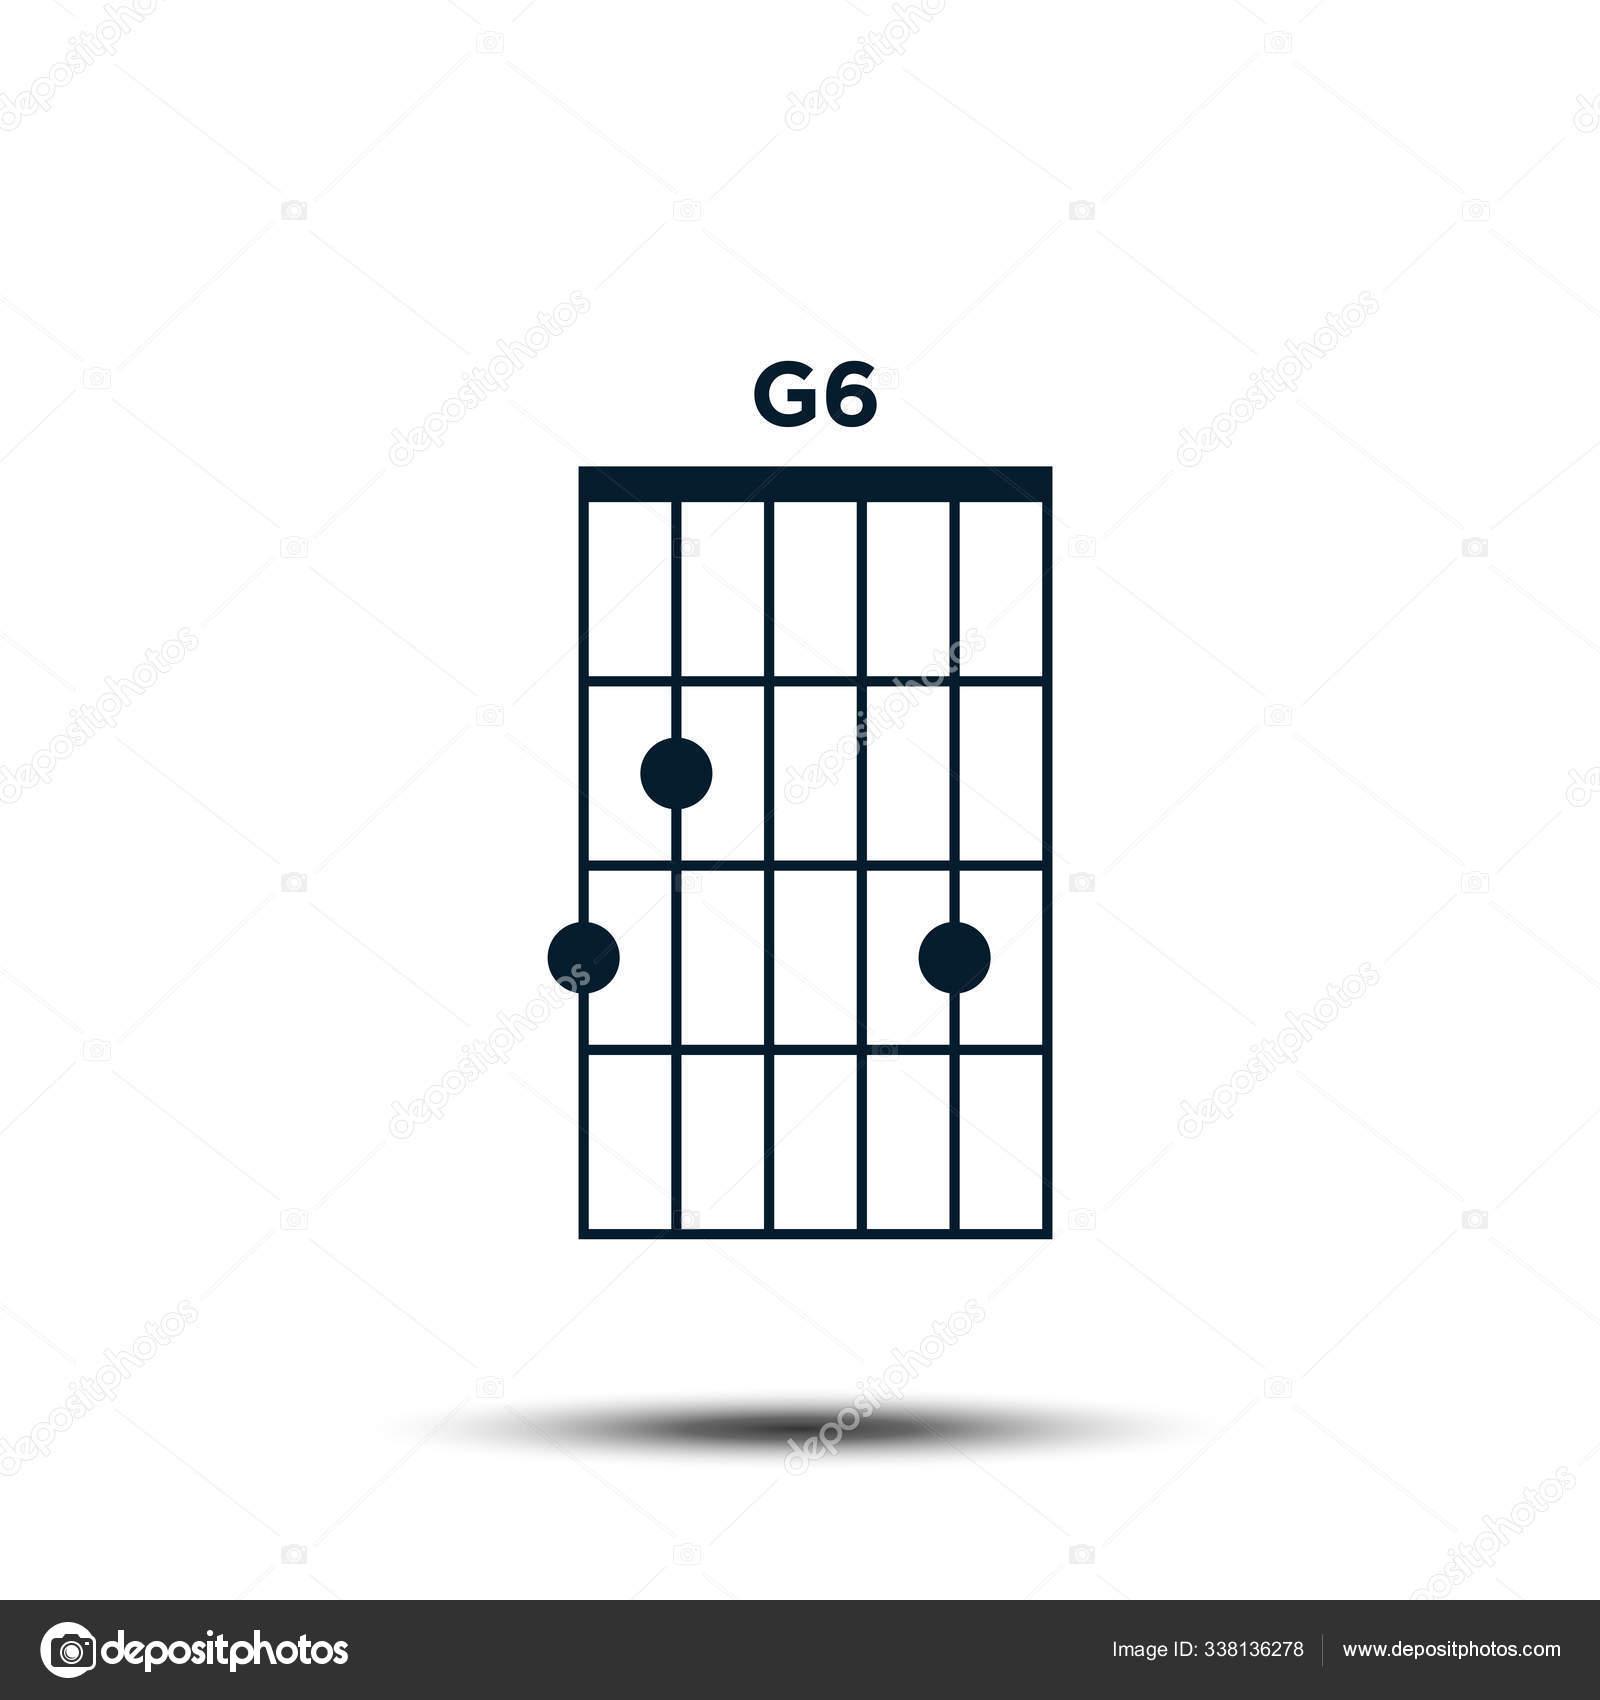 G15 CHORD